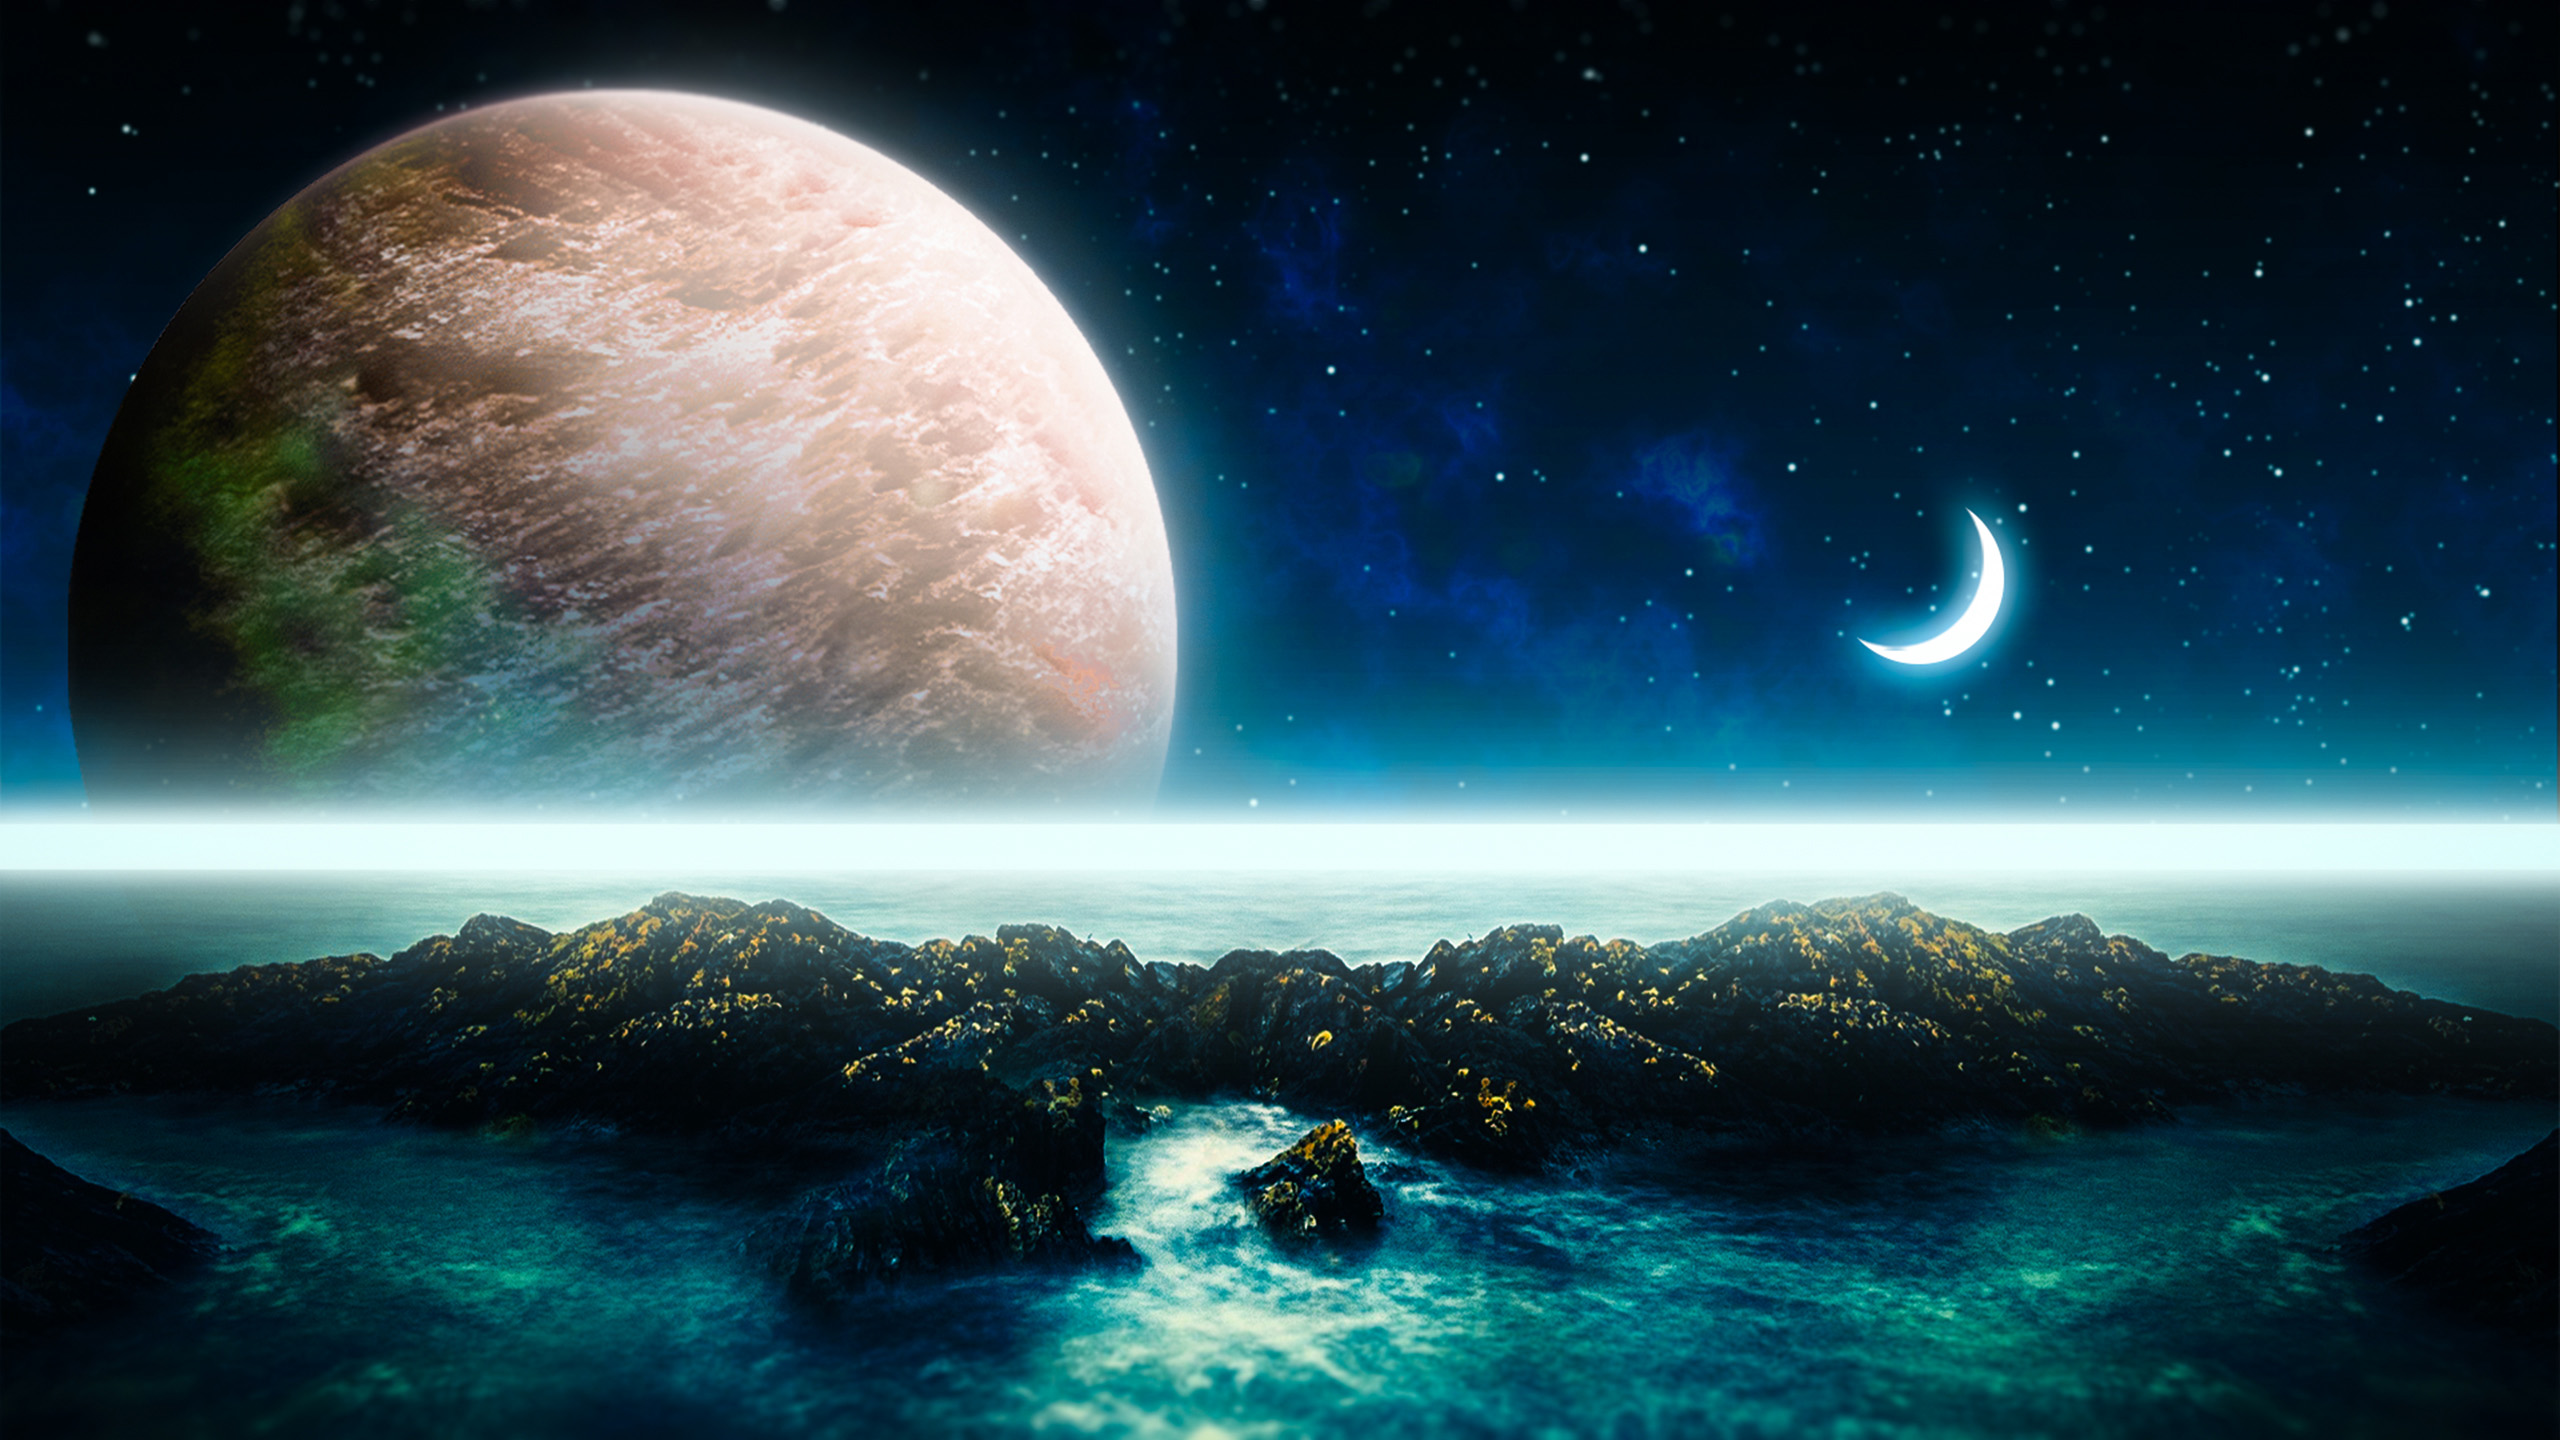 风景大片,奇幻梦境,星球,月亮,海洋,繁星